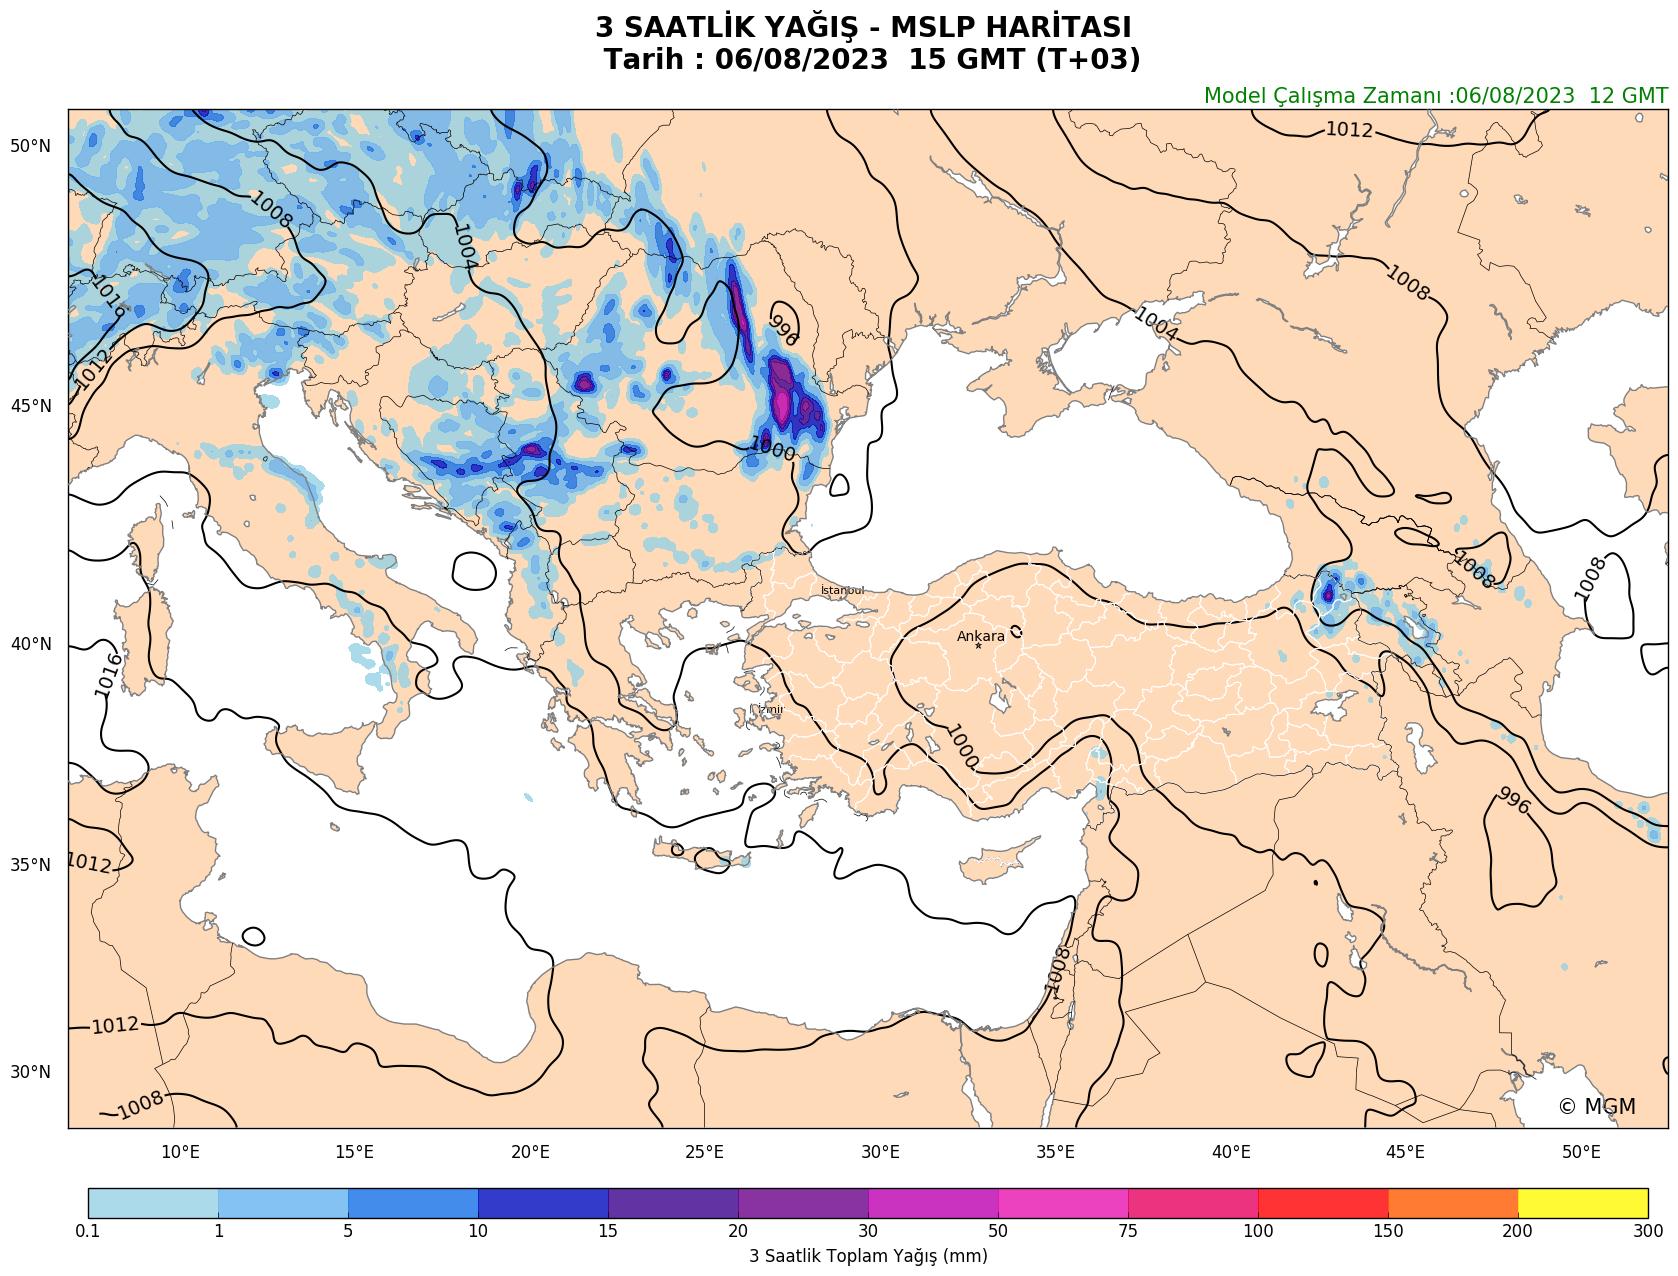 MM5 Model Harita Animasyonu: 3 Saatlik Yağış Haritası